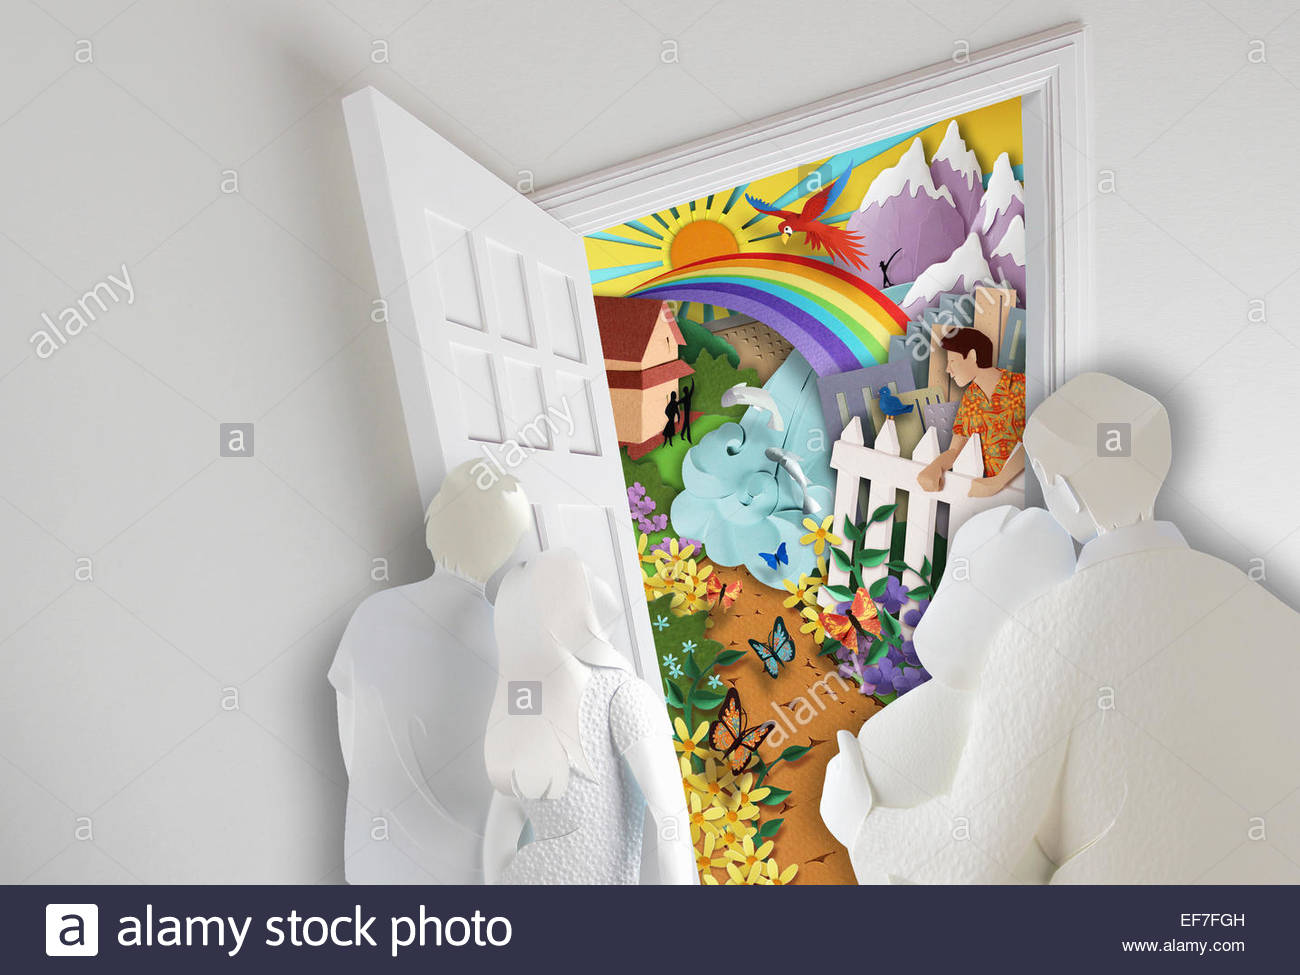 Famille à la porte de l'occasion de couleurs vives Photo Stock